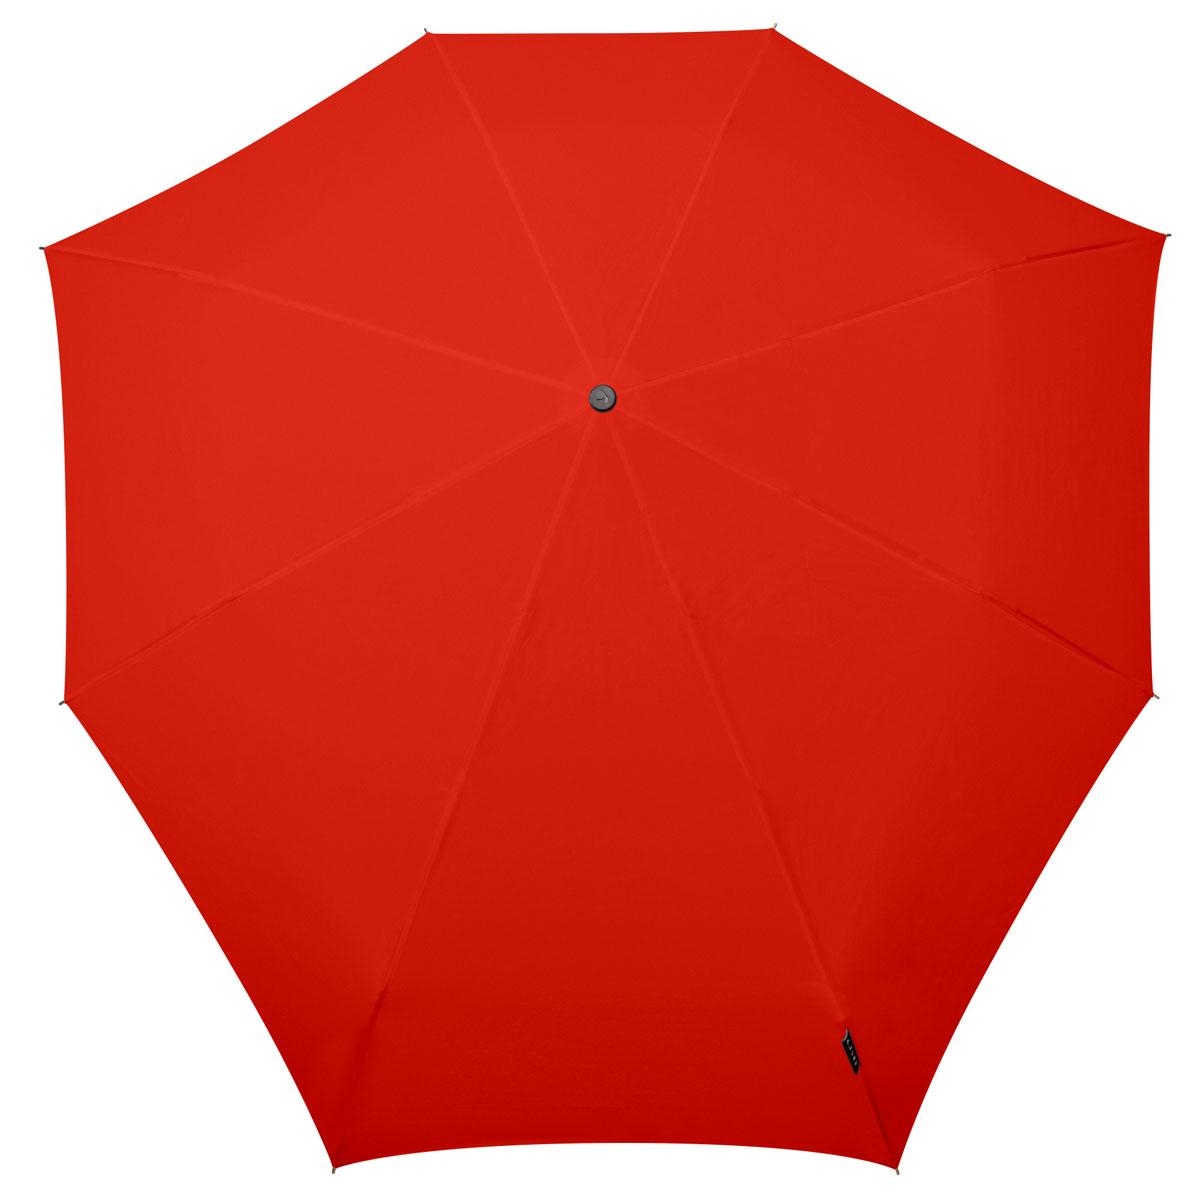 Зонт Senz, цвет: красный. 1111019QA-11739-7Вместо покупки нескольких дешевых зонтиков, которые легко ломаются, лучше приобрести надежный и качественный зонт от Senz.Инновационные противоштормовые зонты выдерживают любую непогоду.Форма купола продумана так, что вы легко найдете самое удобное положение на ветру – без паники и без борьбы со стихией.Закрывает спину от дождя.Благодаря своей усовершенствованной конструкции, зонт не выворачивается наизнанку даже при сильном ветре. Это улучшенная модель компактного противоштормового зонта Smart.Выдерживает порывы ветра до 60 км/ч. Характеристики:- тип — механический- три сложения- выдерживает порывы ветра до 60 км/ч- УФ-защита 50+- удобная ручка с петлей- в комплекте чехол- гарантия 2 годаРазмер купола: 87 х 87 см, длина в сложенном виде - 25,5 см, в раскрытом - 57 см. Весит 290 г.